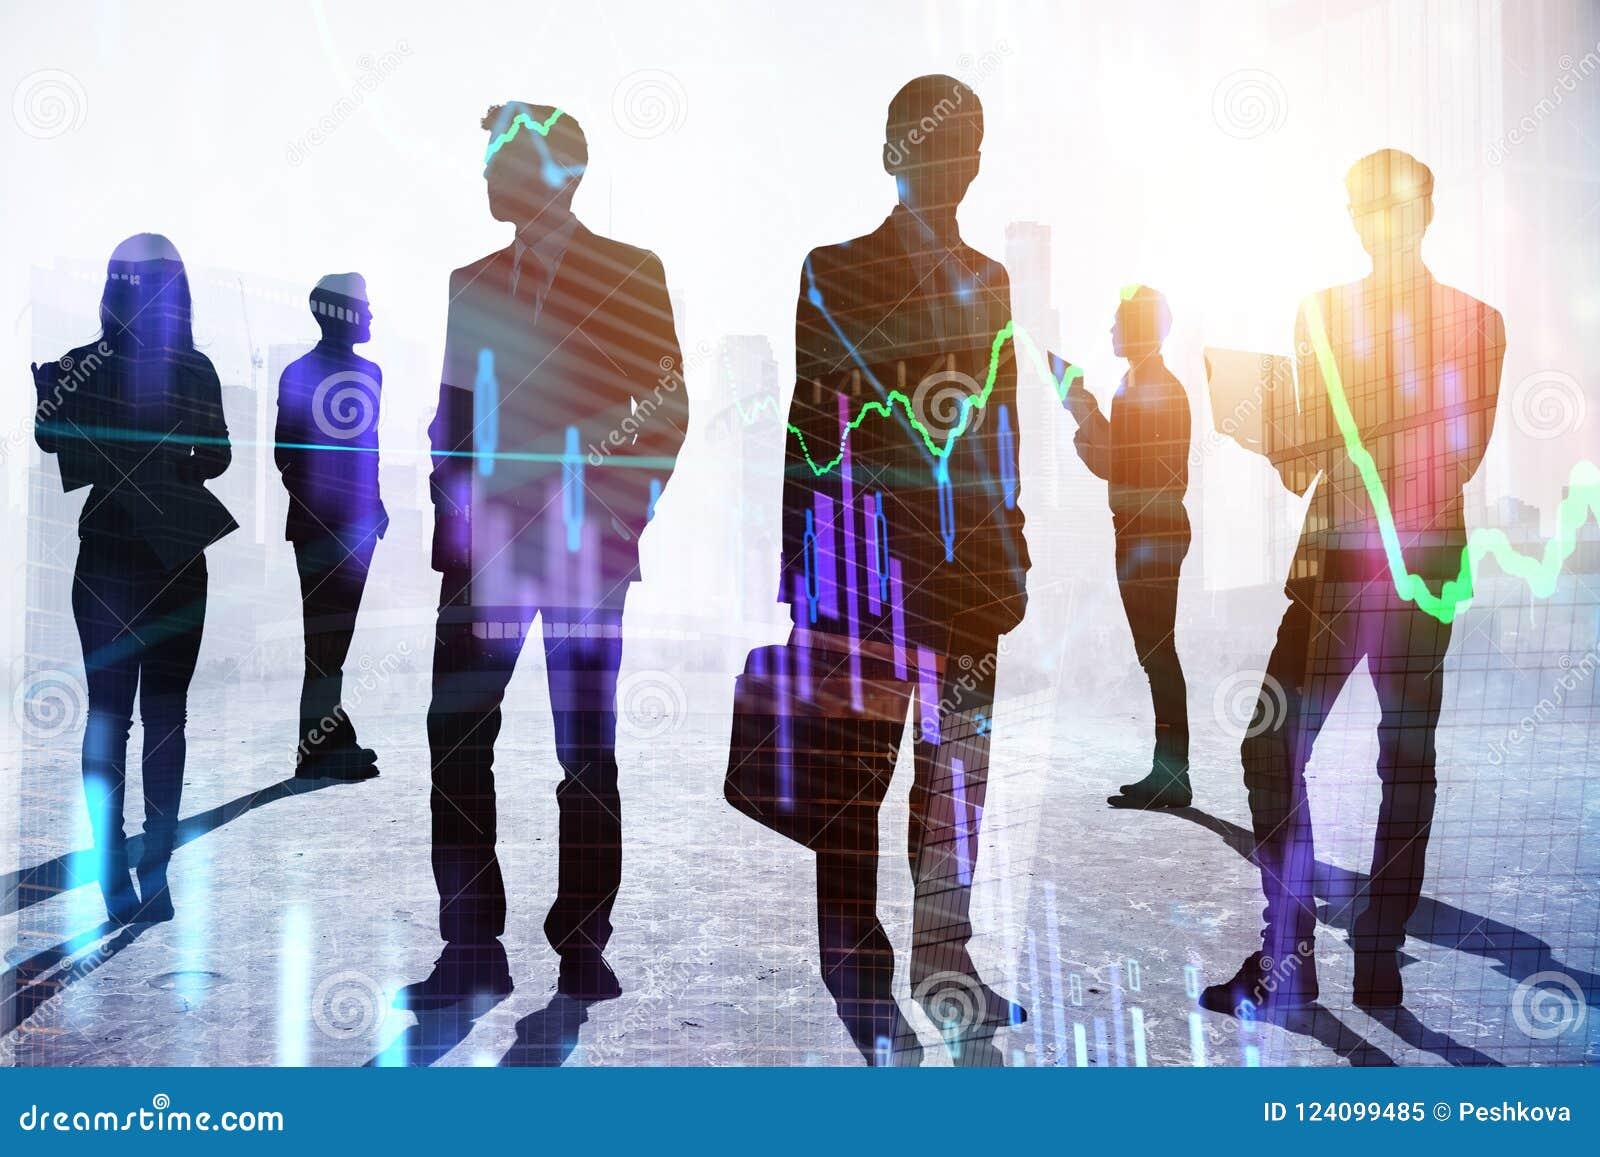 Έννοια ομαδικής εργασίας και εμπορίου